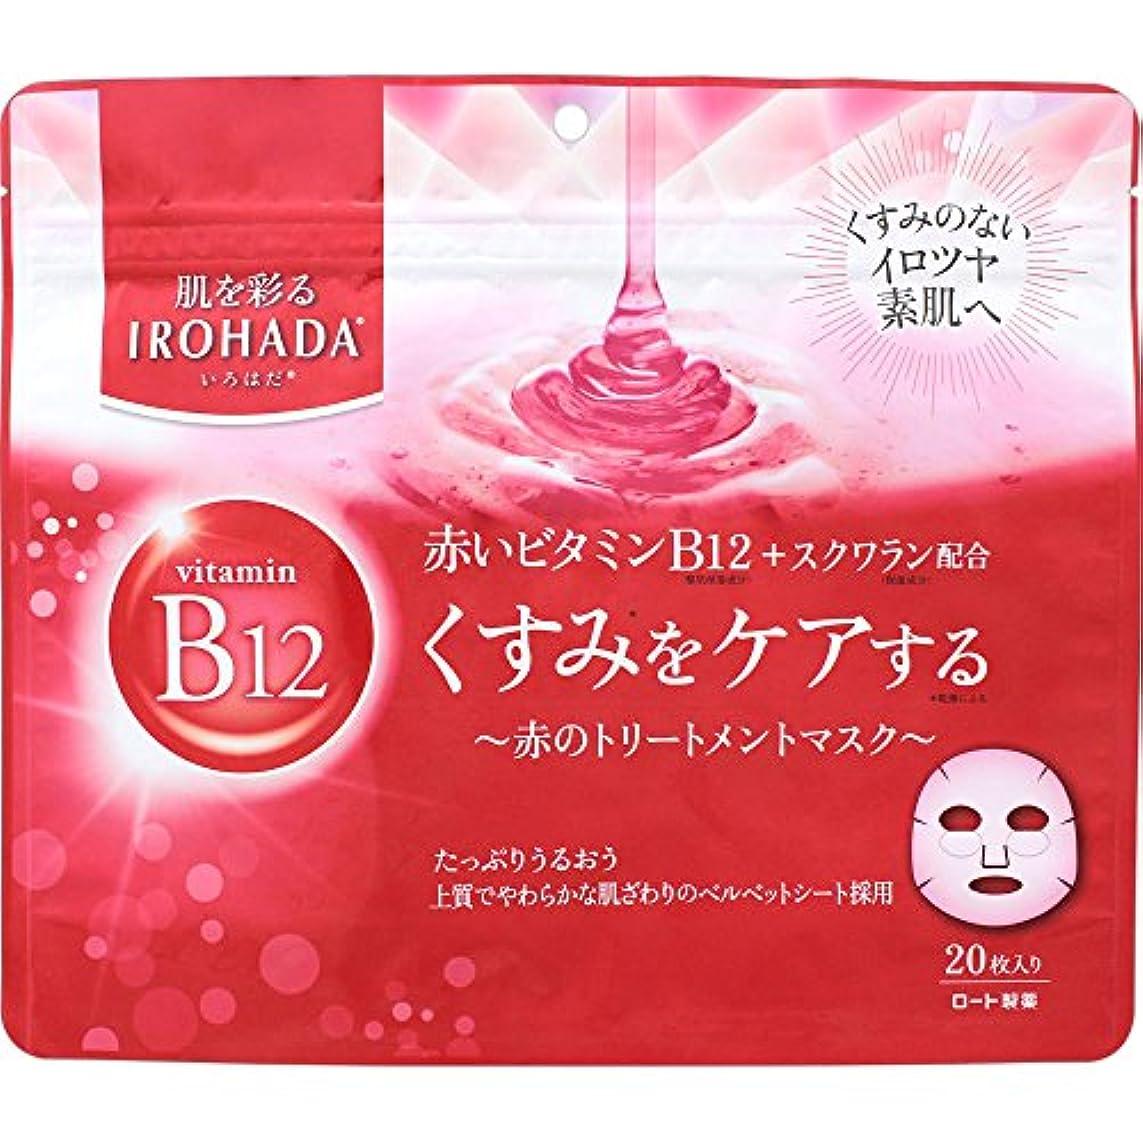 ペイント意気揚々導入するロート製薬 いろはだ (IROHADA) 赤いビタミンB12×スクワラン配合 トリートメントマスク 20枚入り